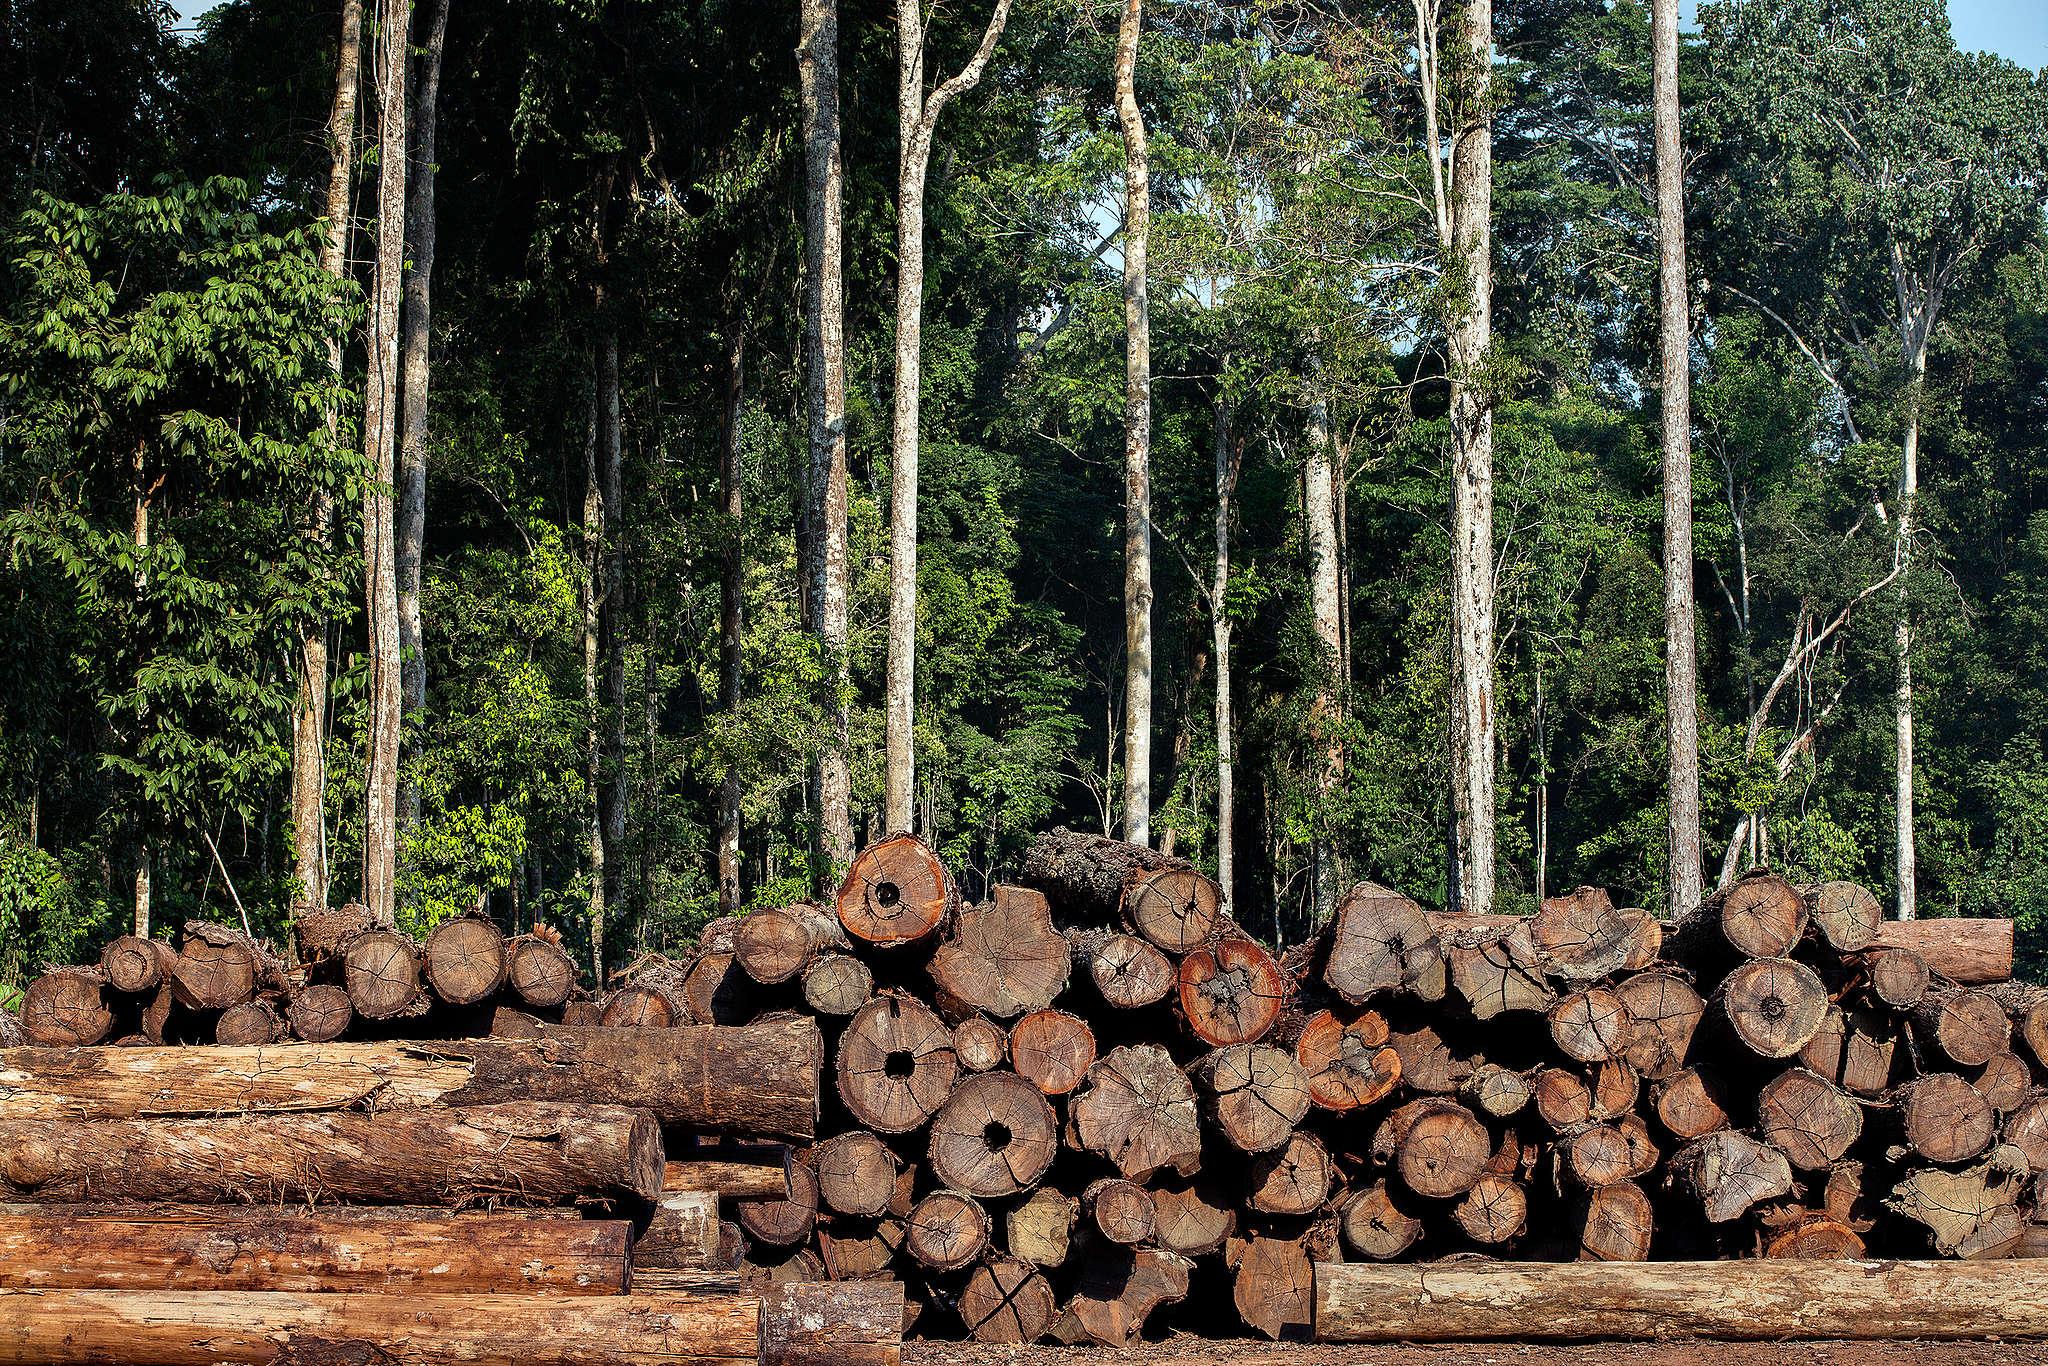 Toras de madeira ilegal são encontradas.